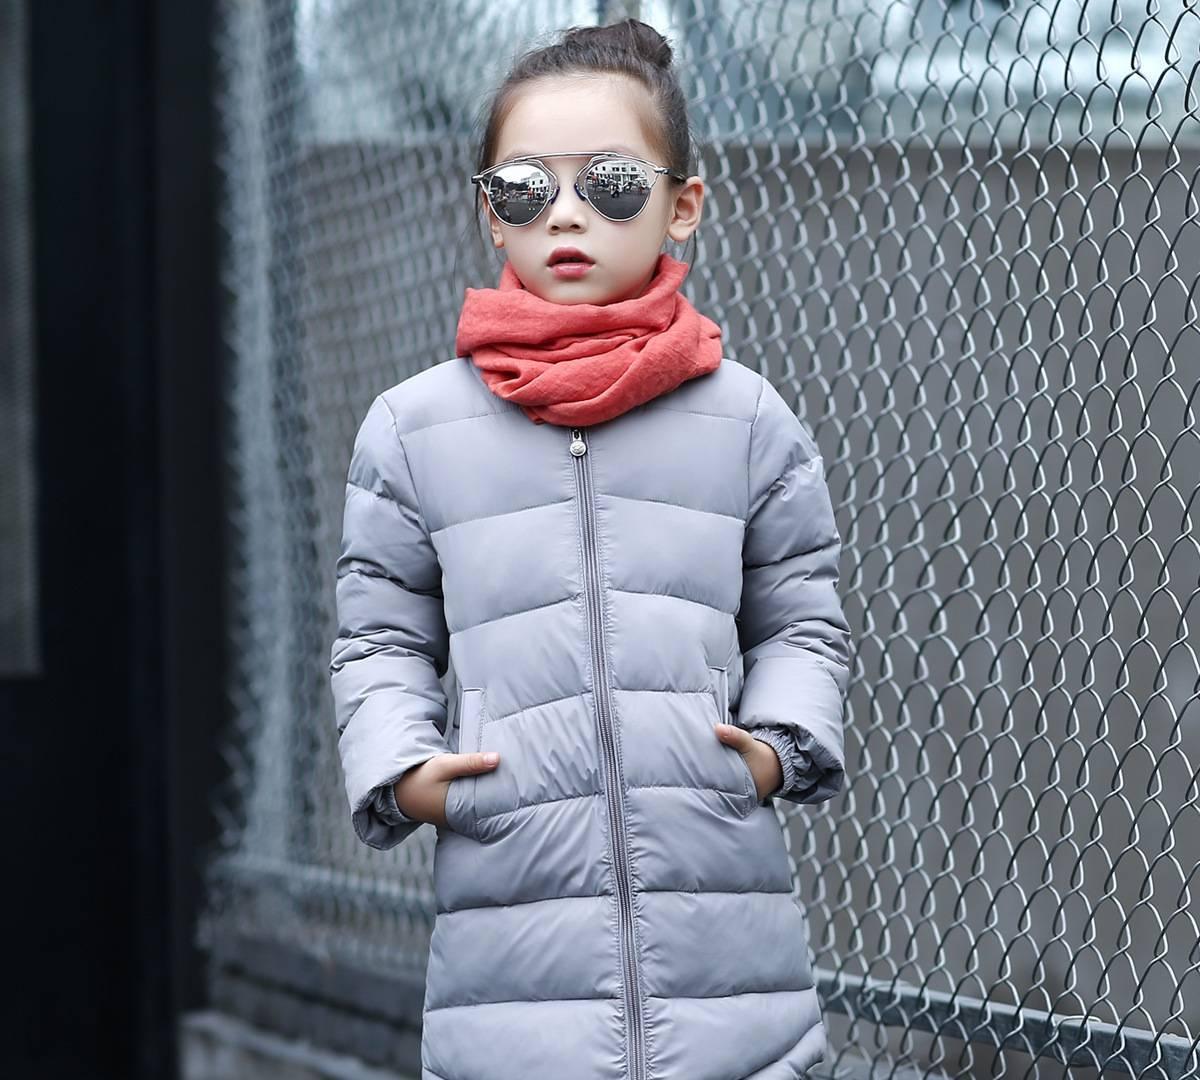 儿童羽绒服女 2016新款韩版秋冬时尚休闲中长款外套 女童保暖衣